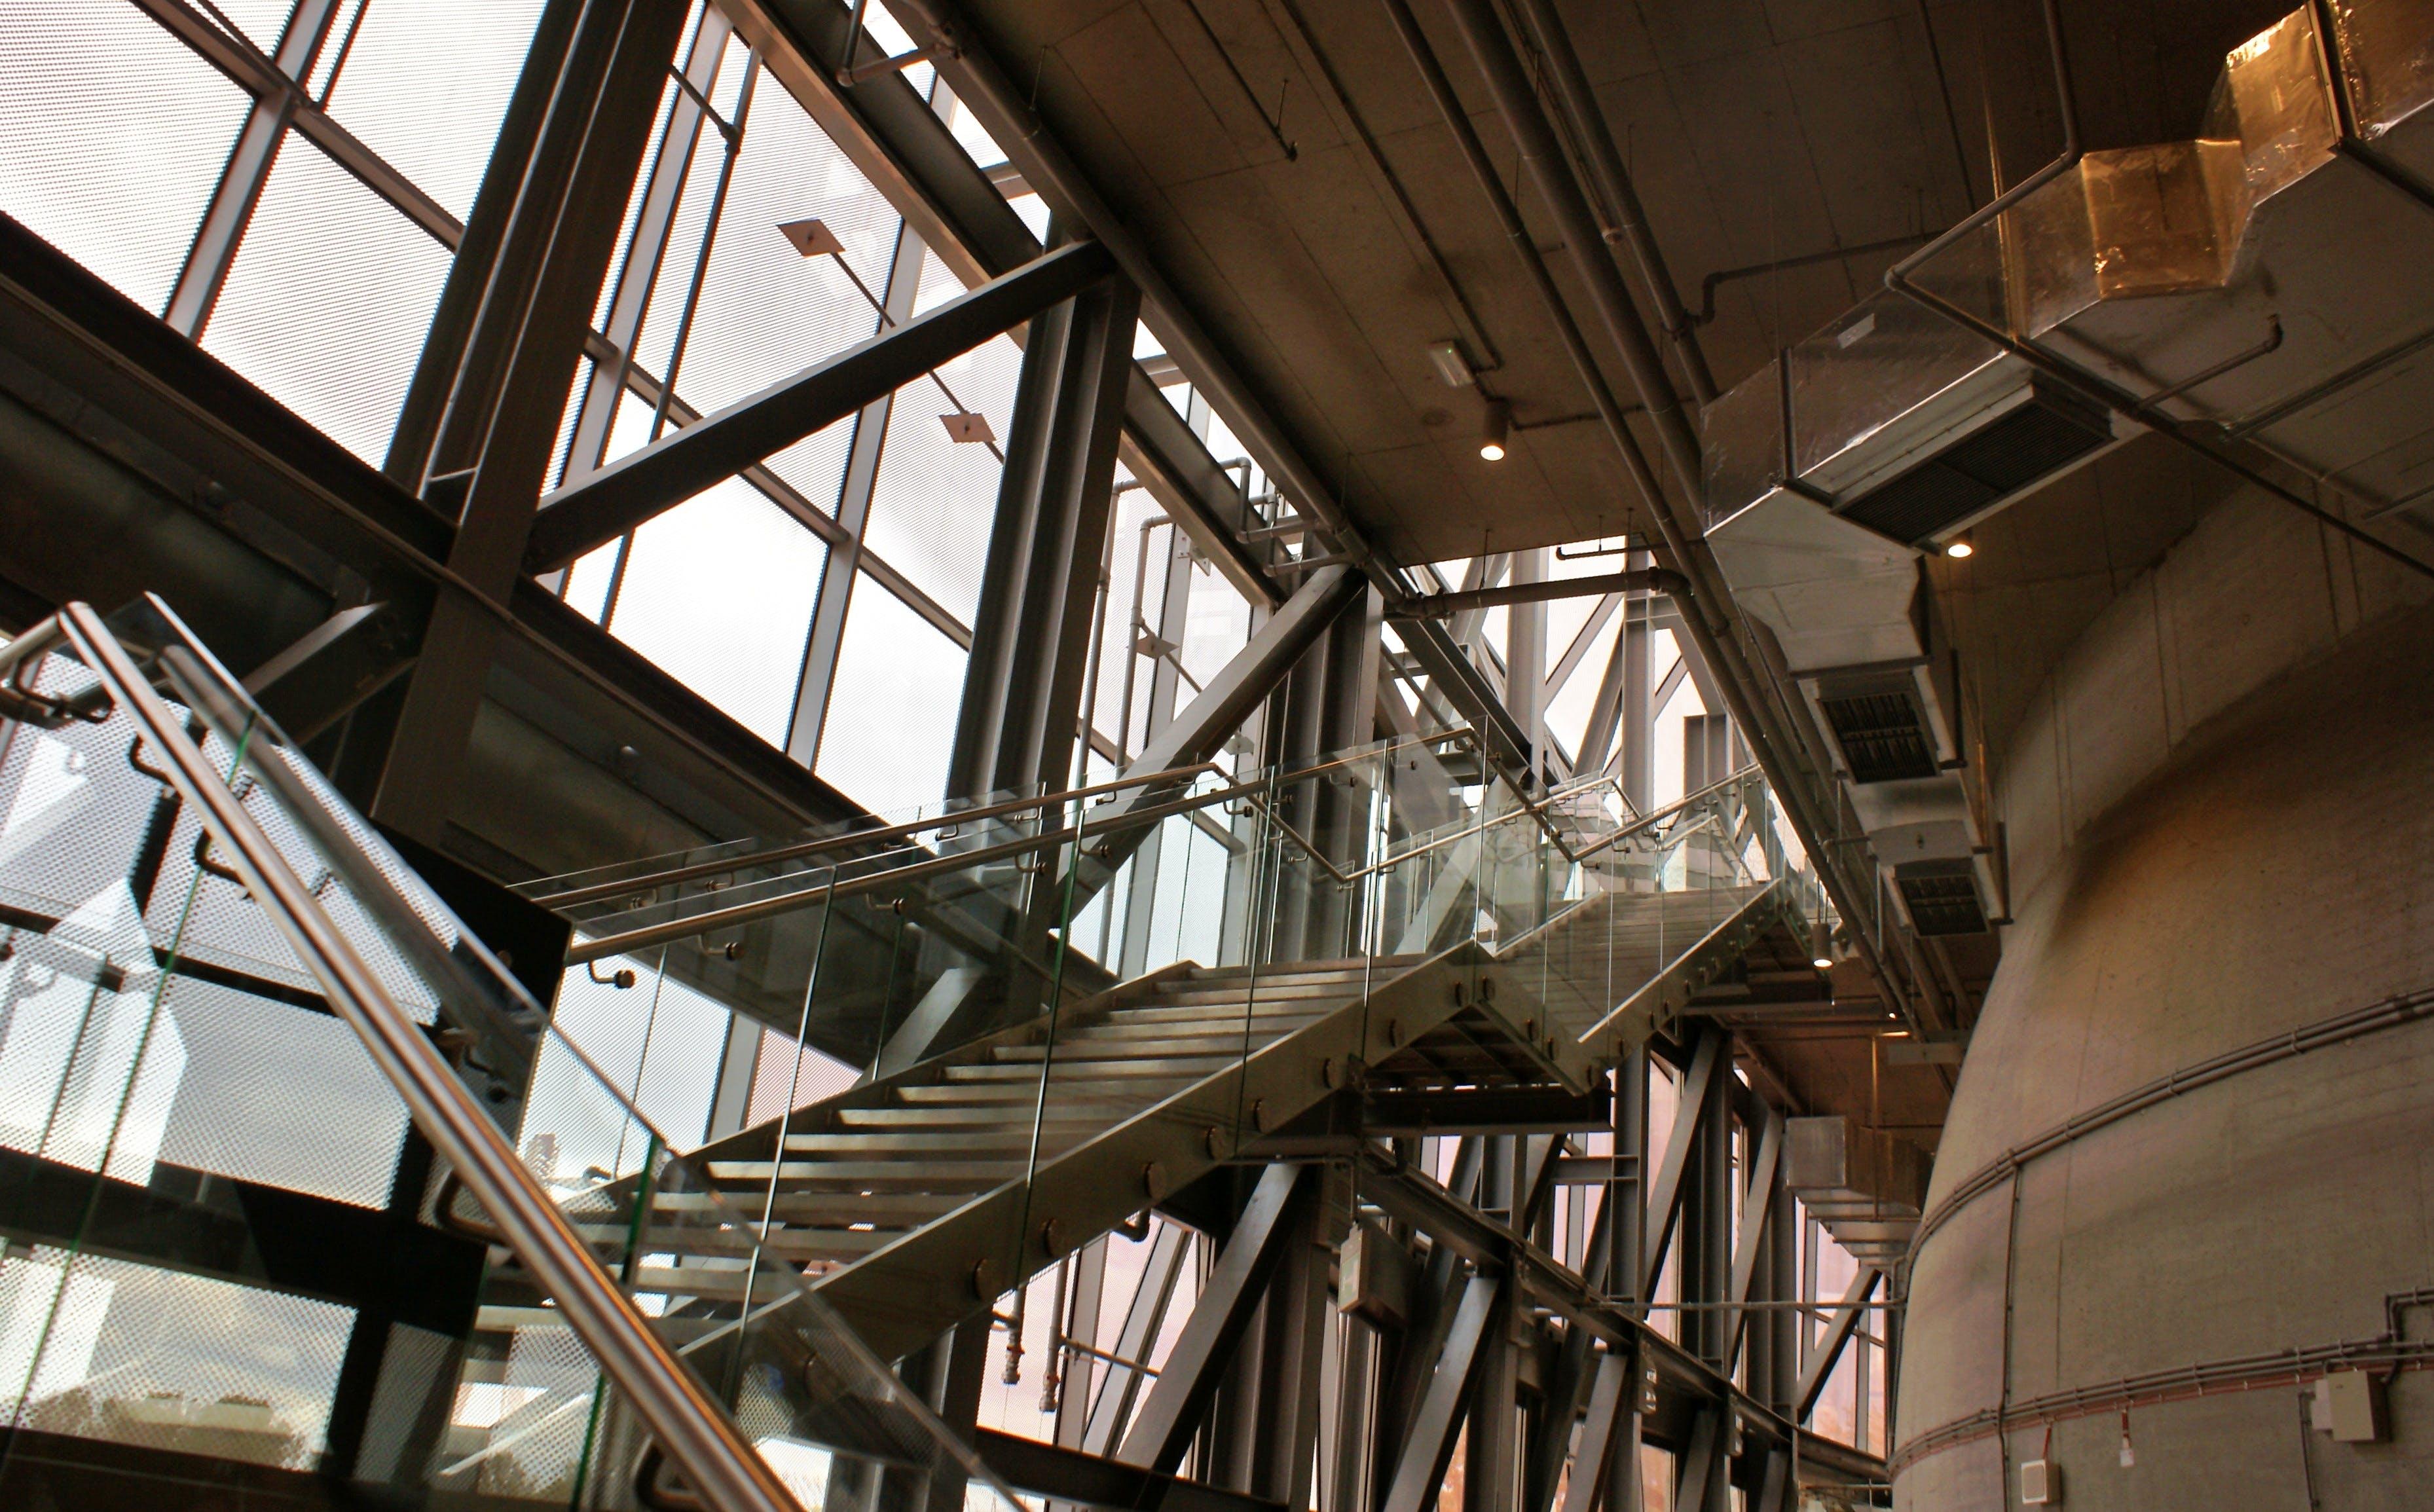 インドア, エネルギー, ガラス窓, グラインダーの無料の写真素材